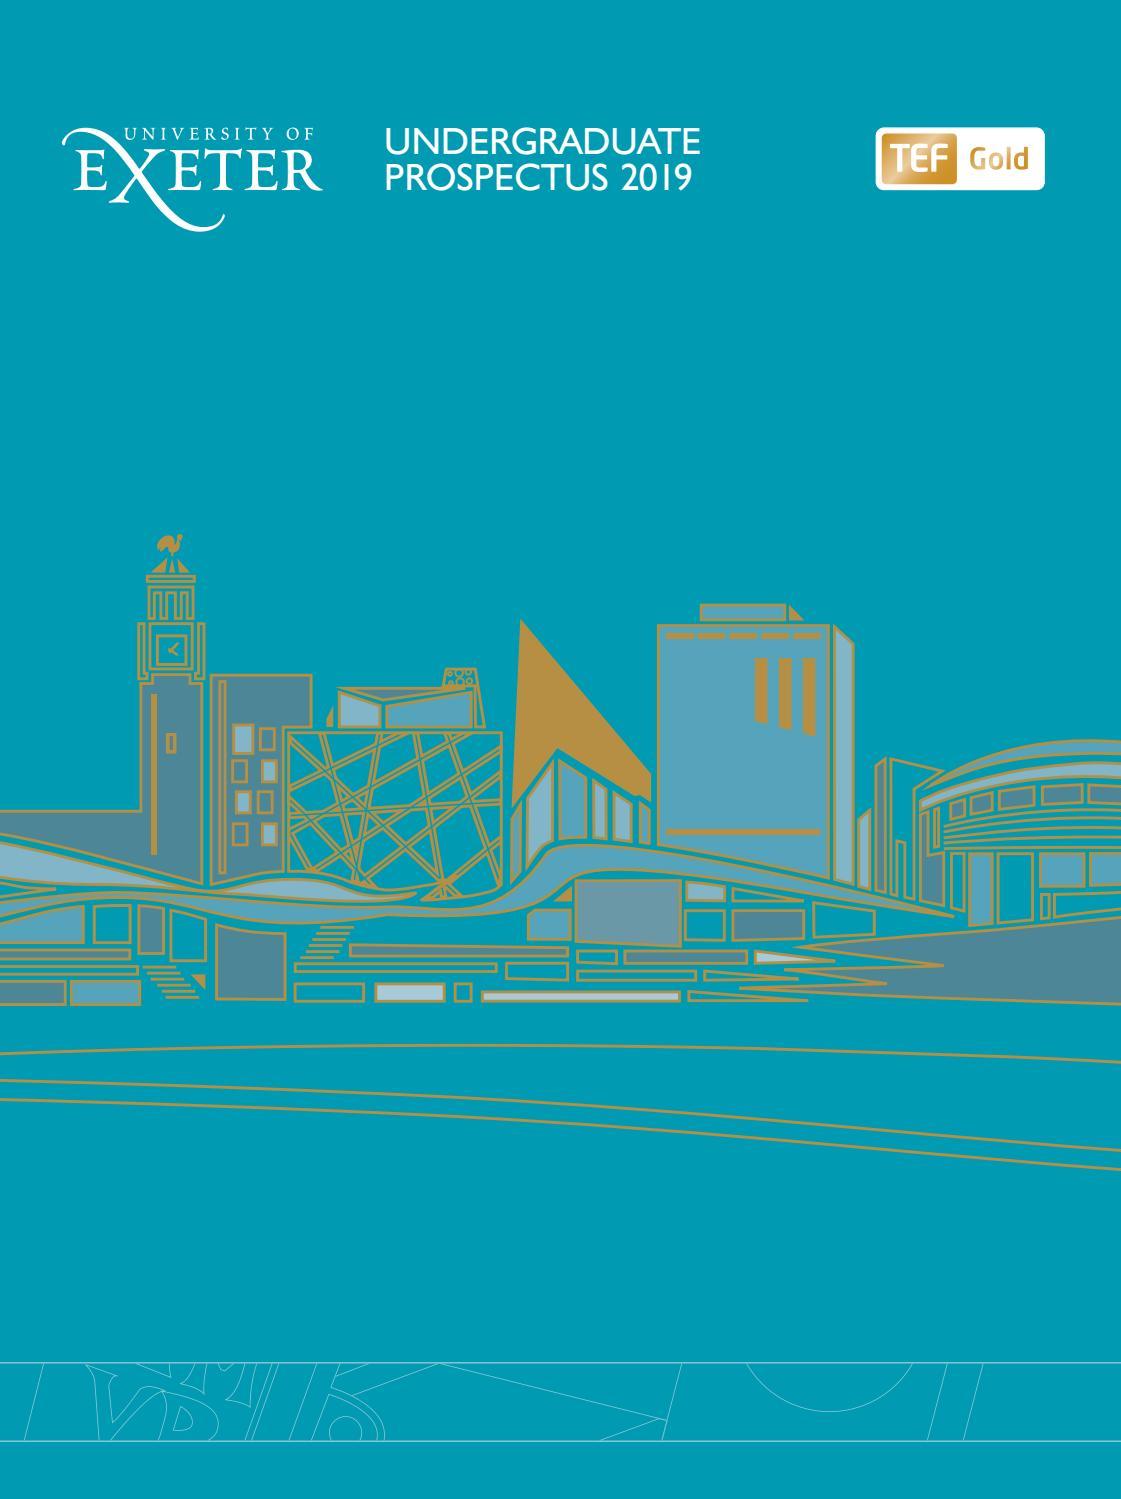 Undergraduate Prospectus 2019 entry by University of Exeter - issuu